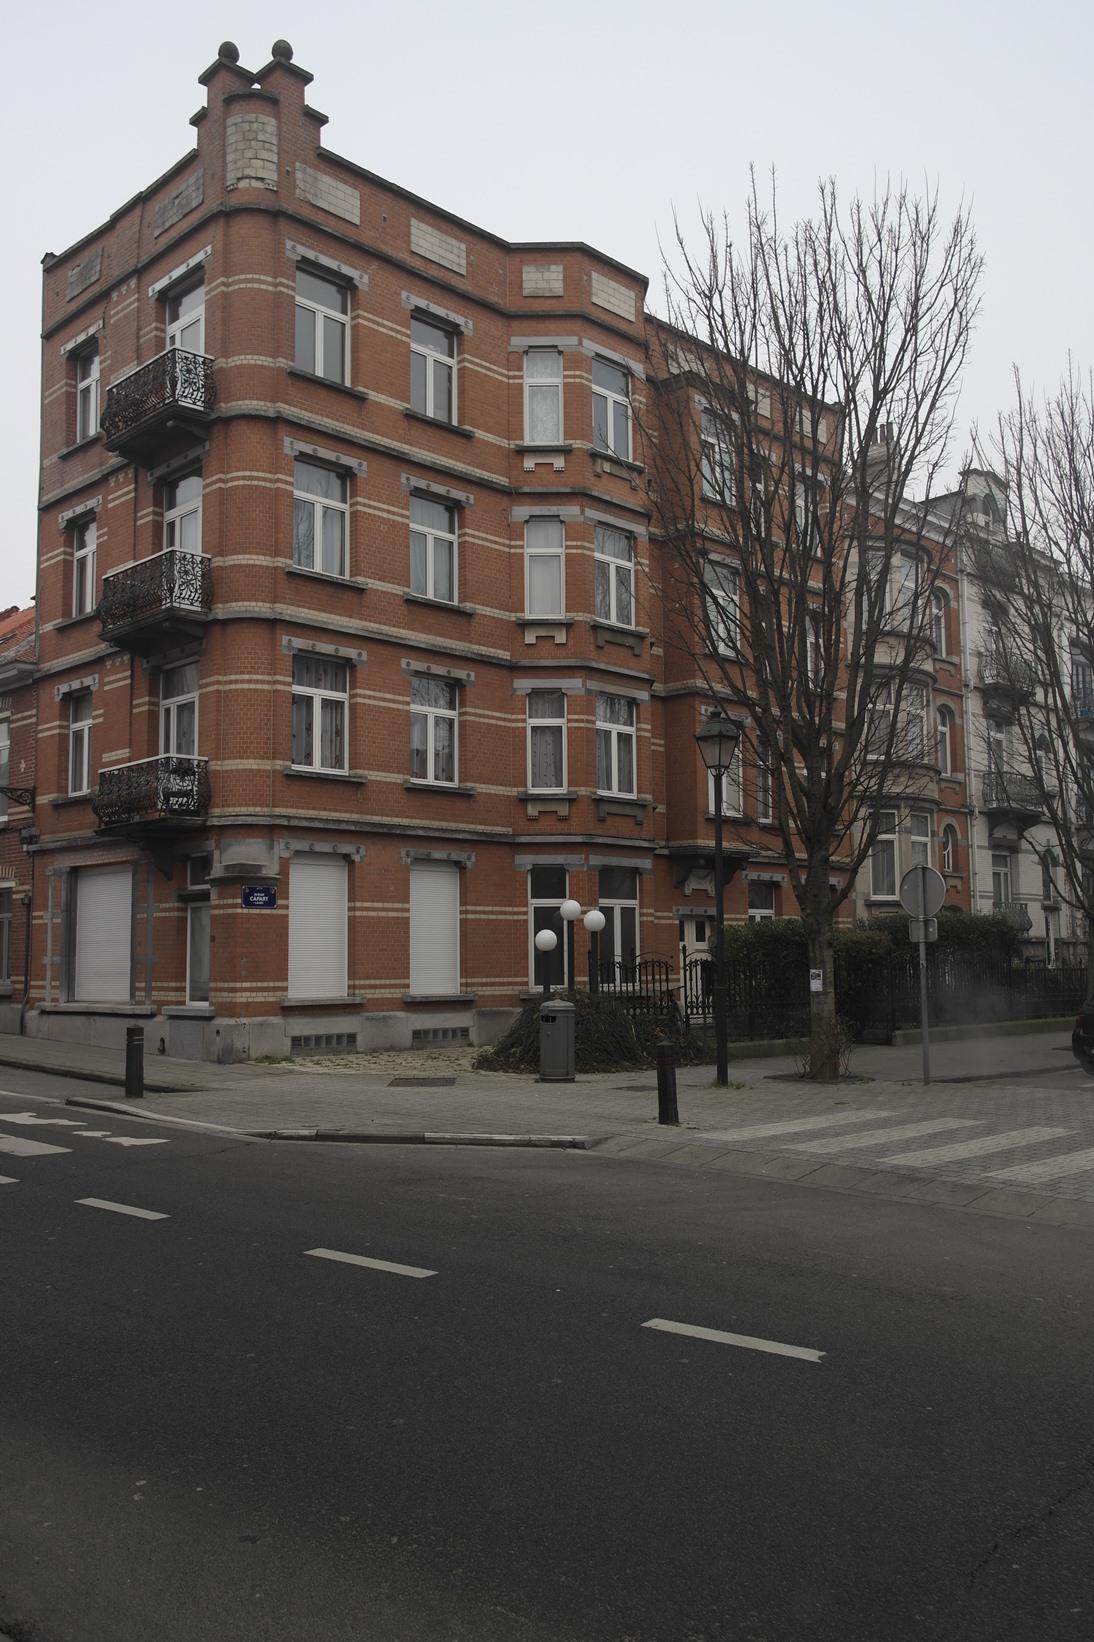 Avenue Capart 1 - rue Bonaventure 48, 2015